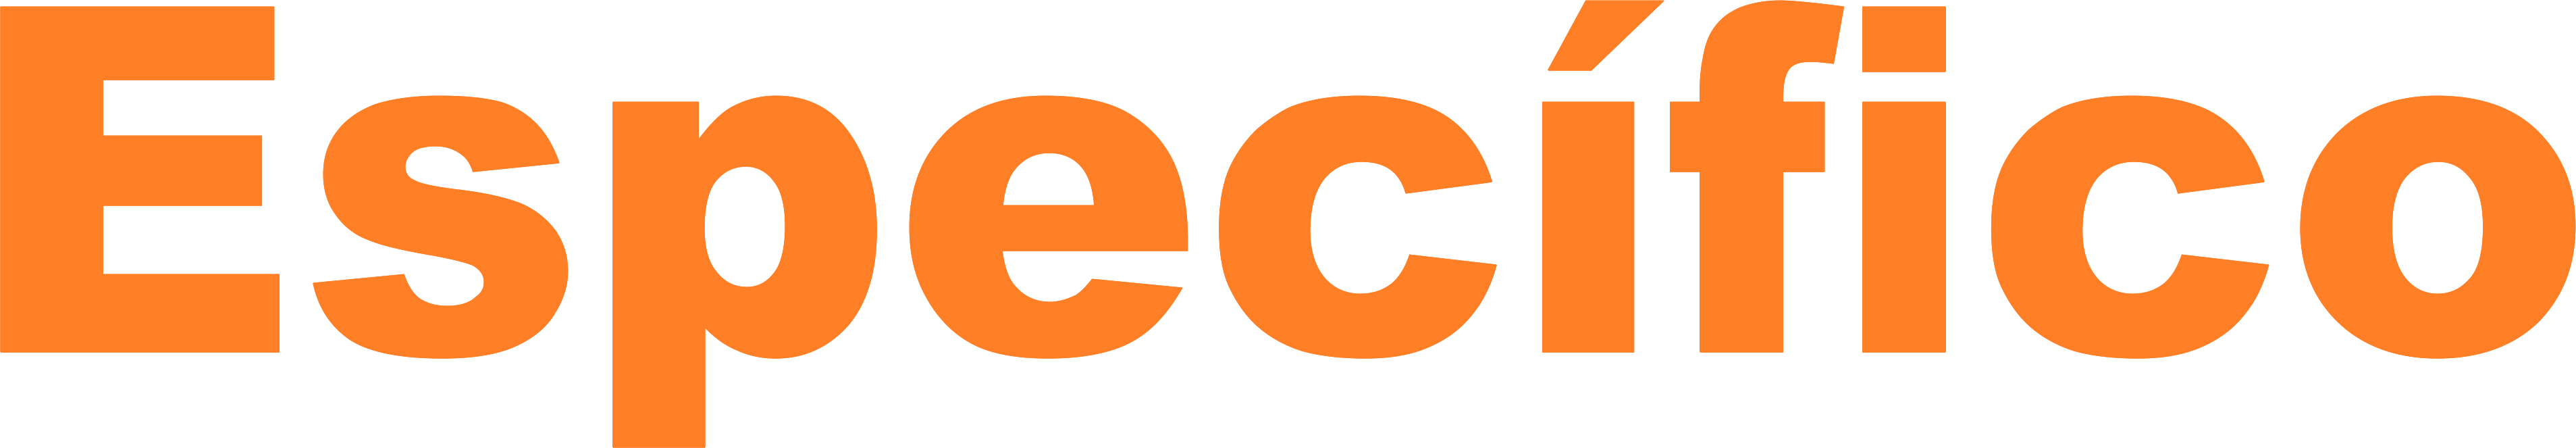 ESPECIFICO_Orange